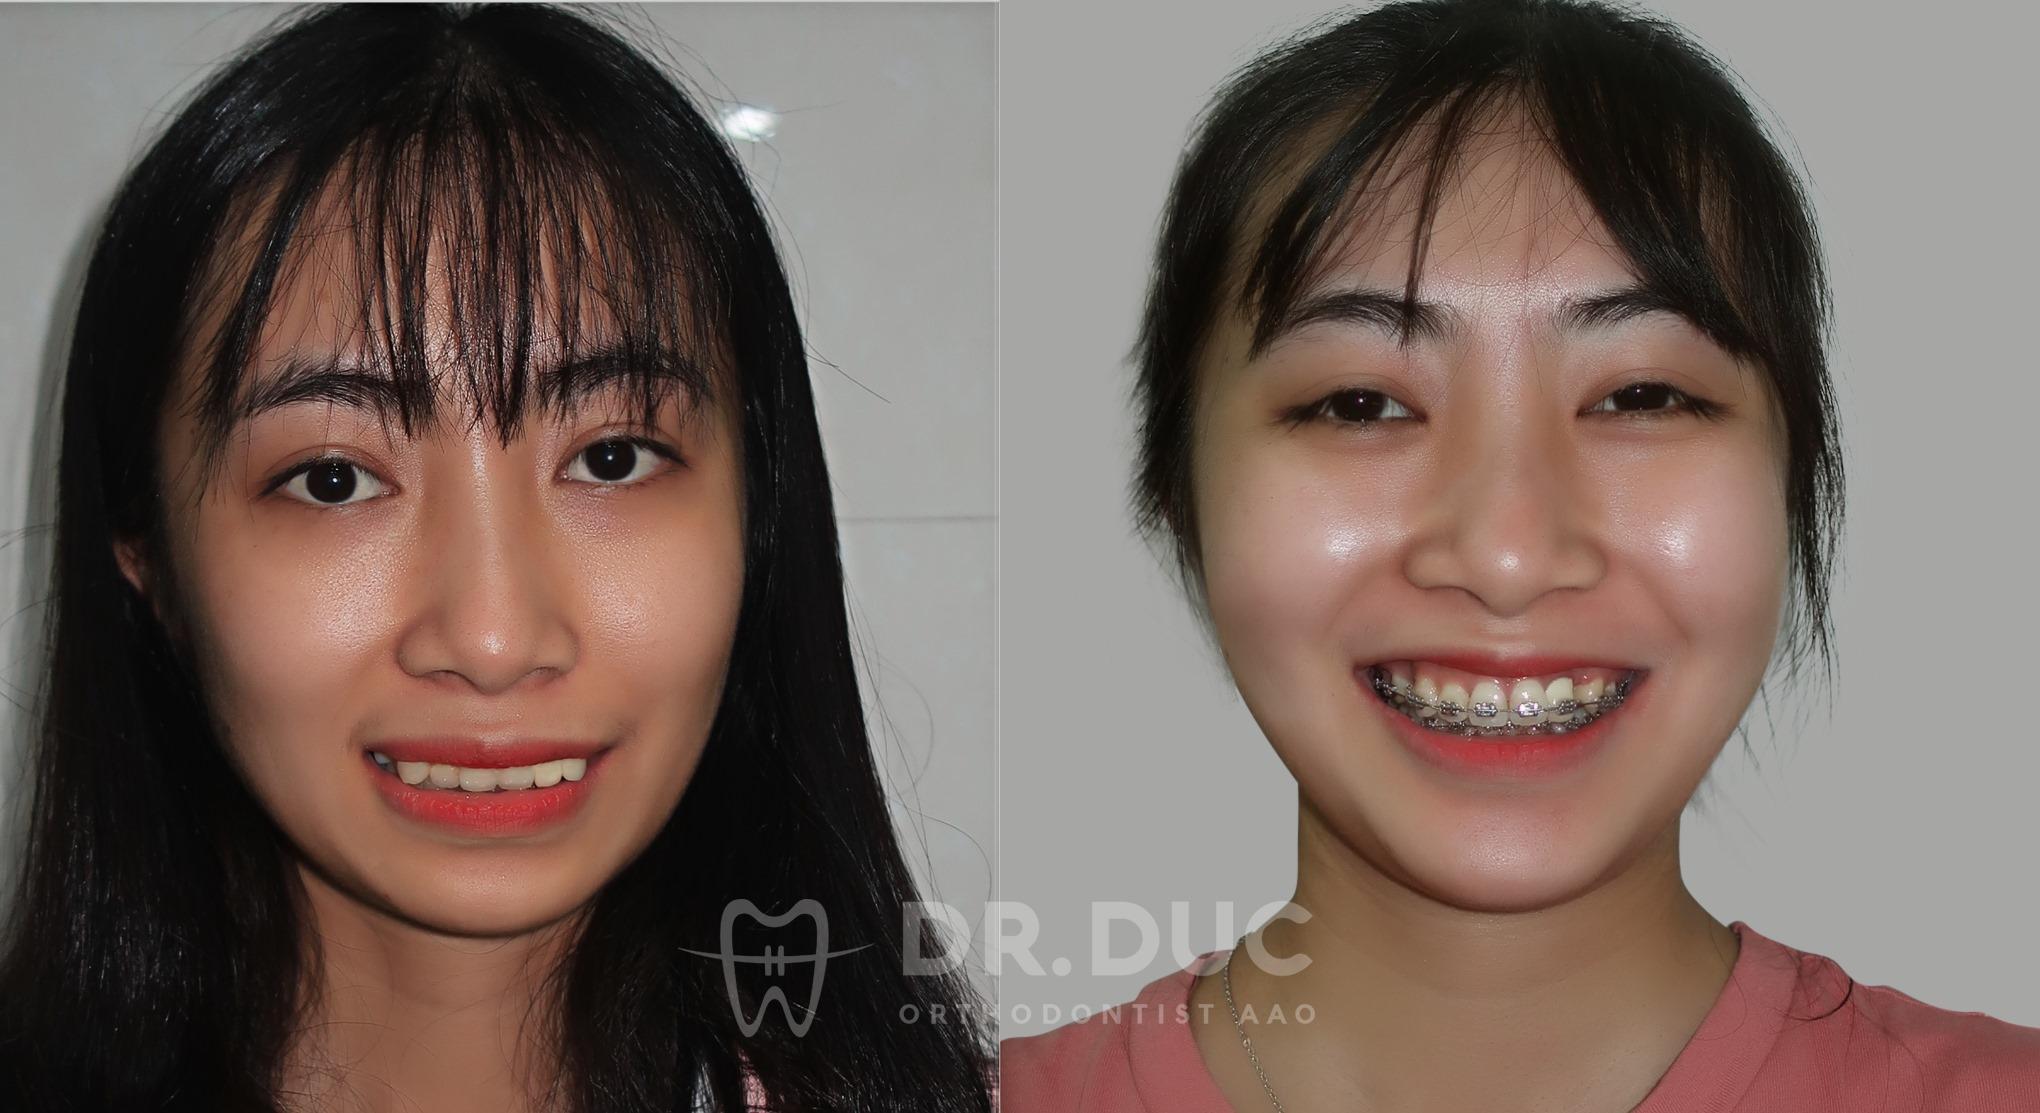 Tổng hợp các kết quả niềng răng bởi bác sĩ Đức AAO 18